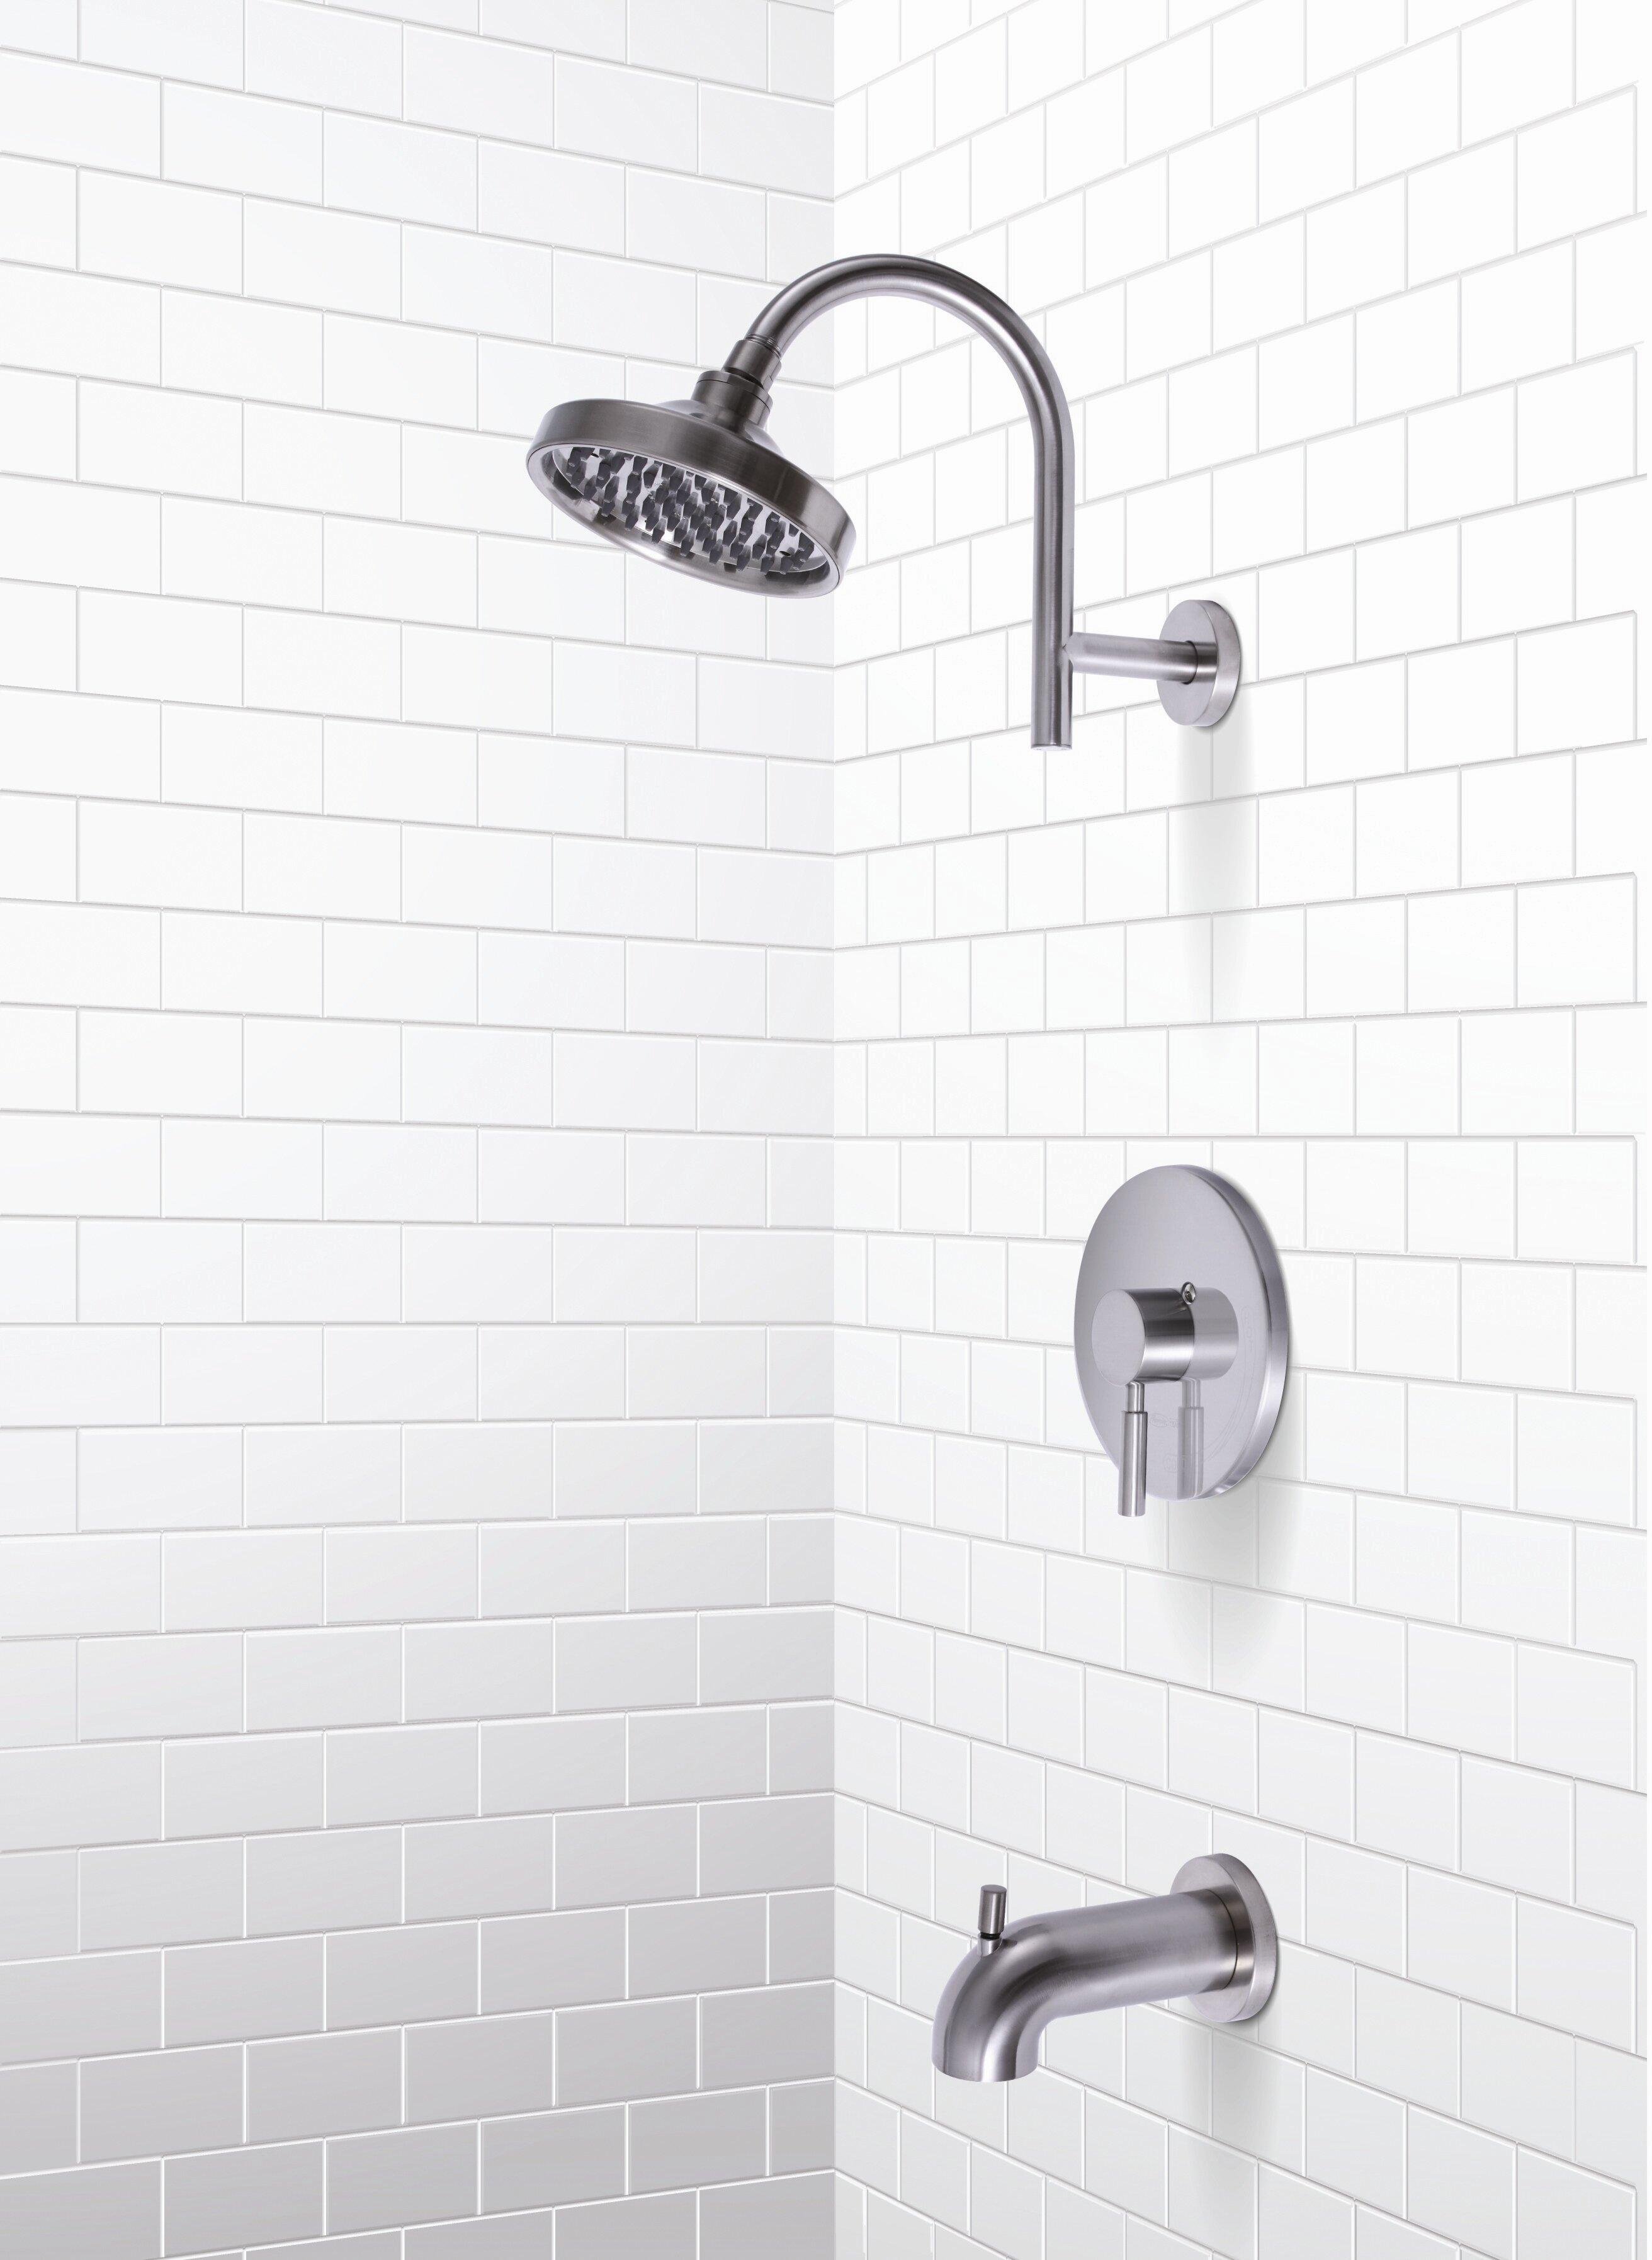 Premier Faucet Essen Single Handle Volume Control Tub And Shower